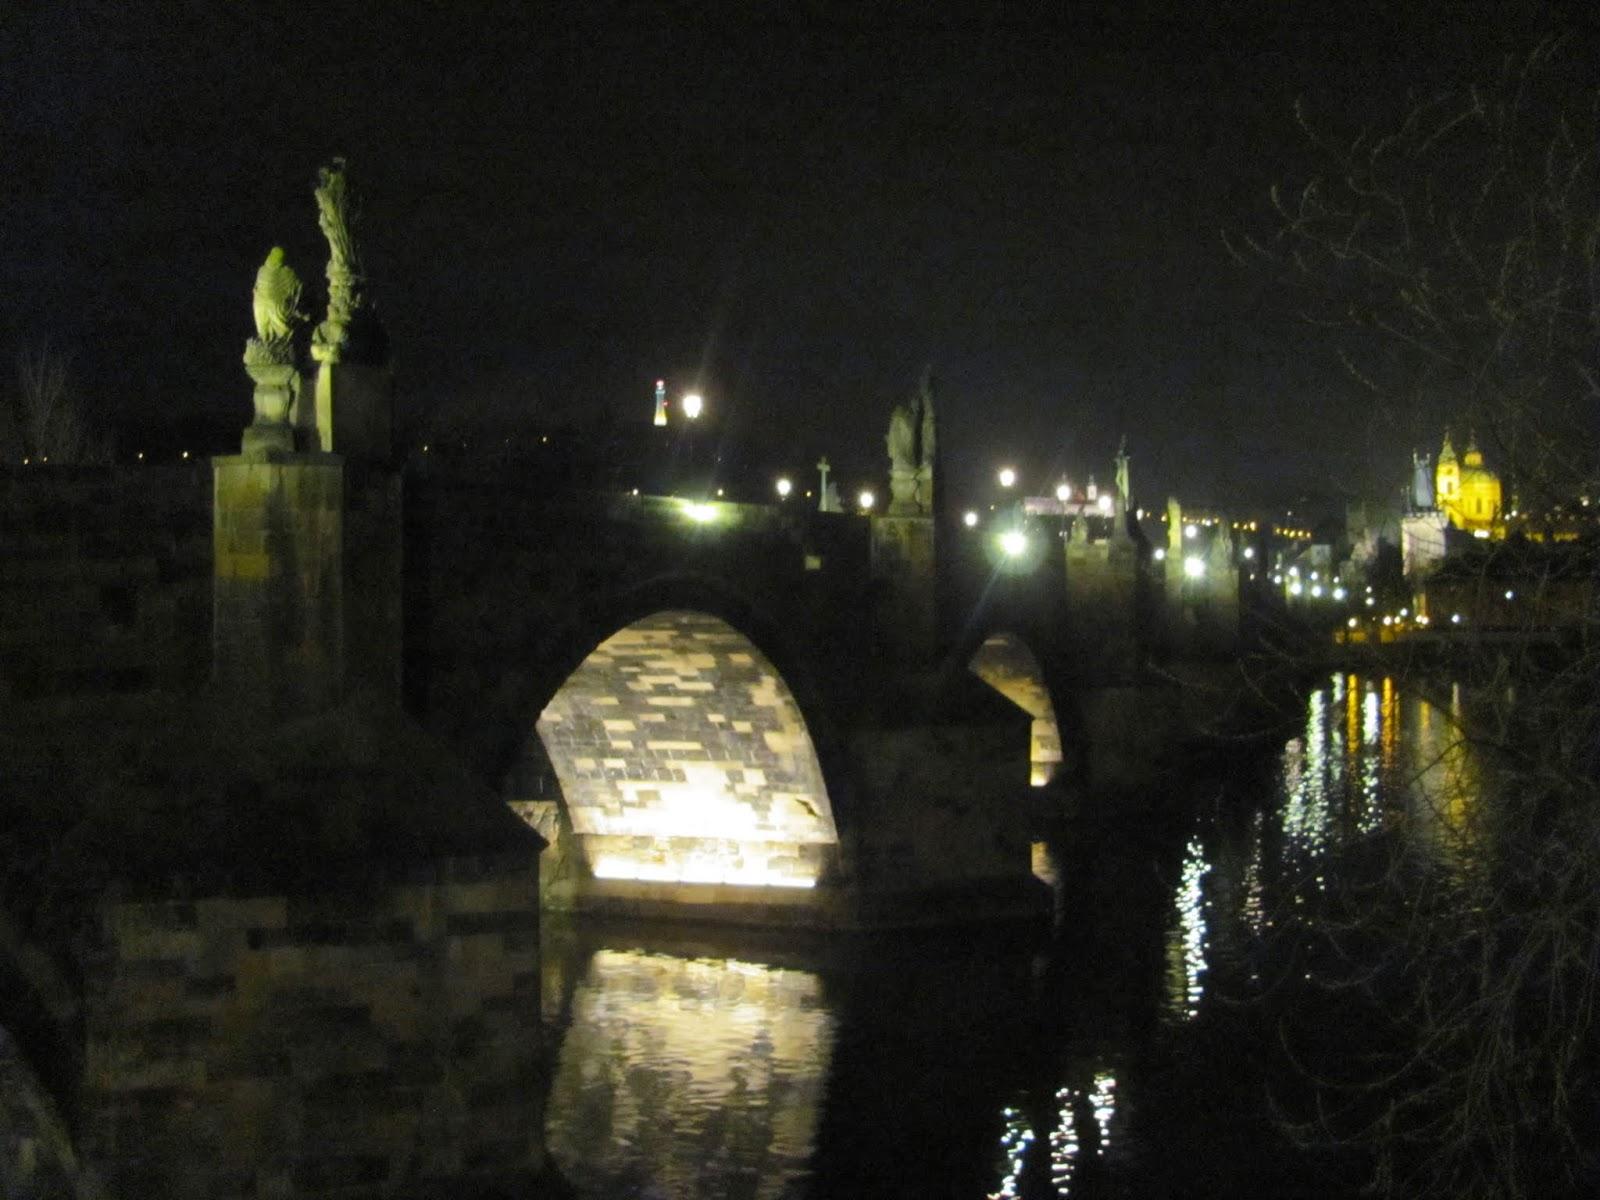 Charles Bridge's Illuminated Arches in Prague